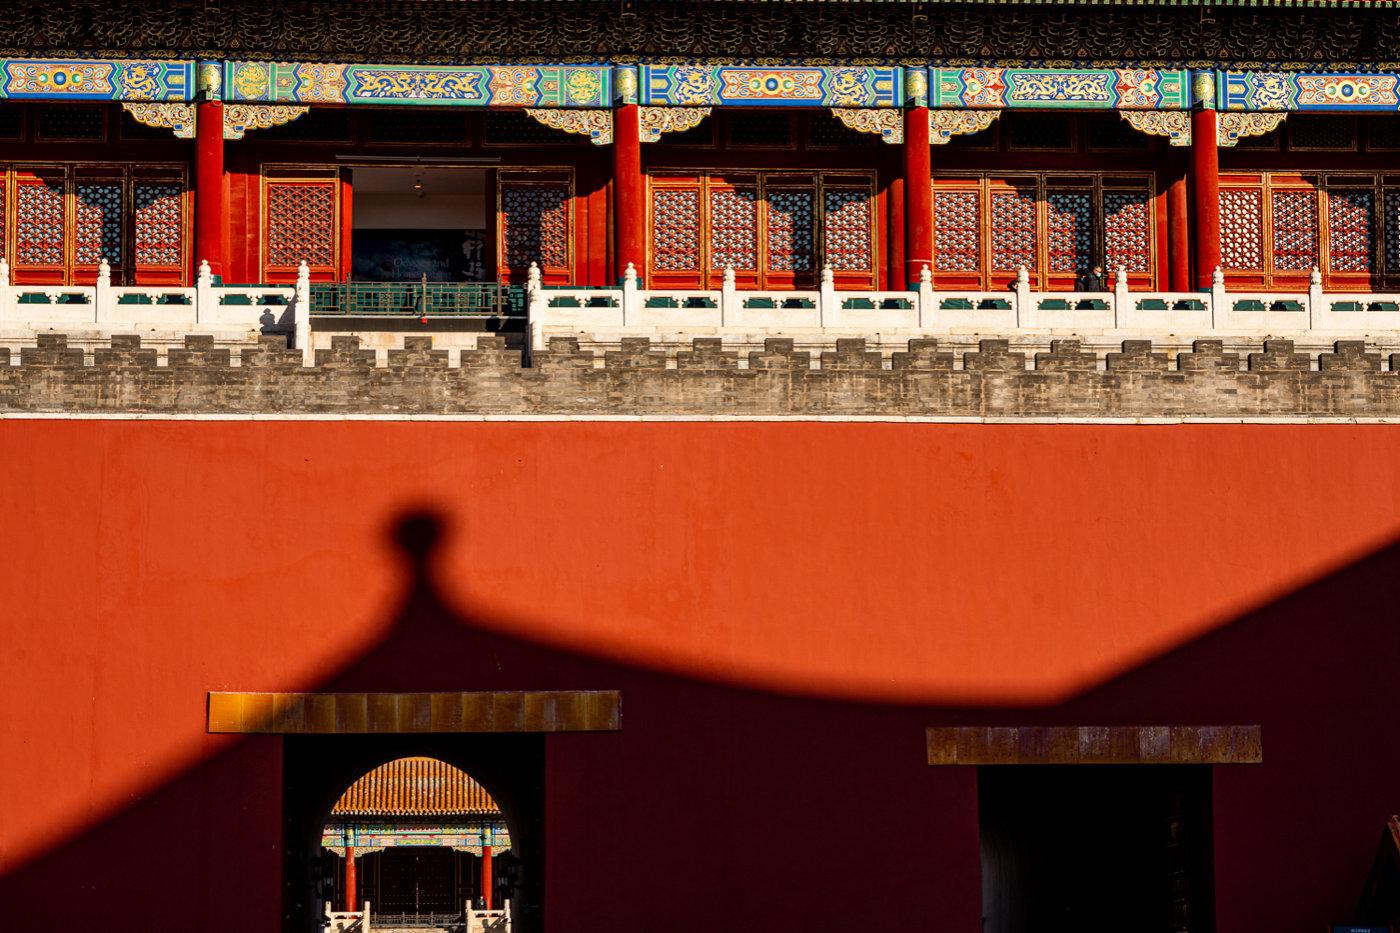 《紫禁城》——12.22 北京故宫